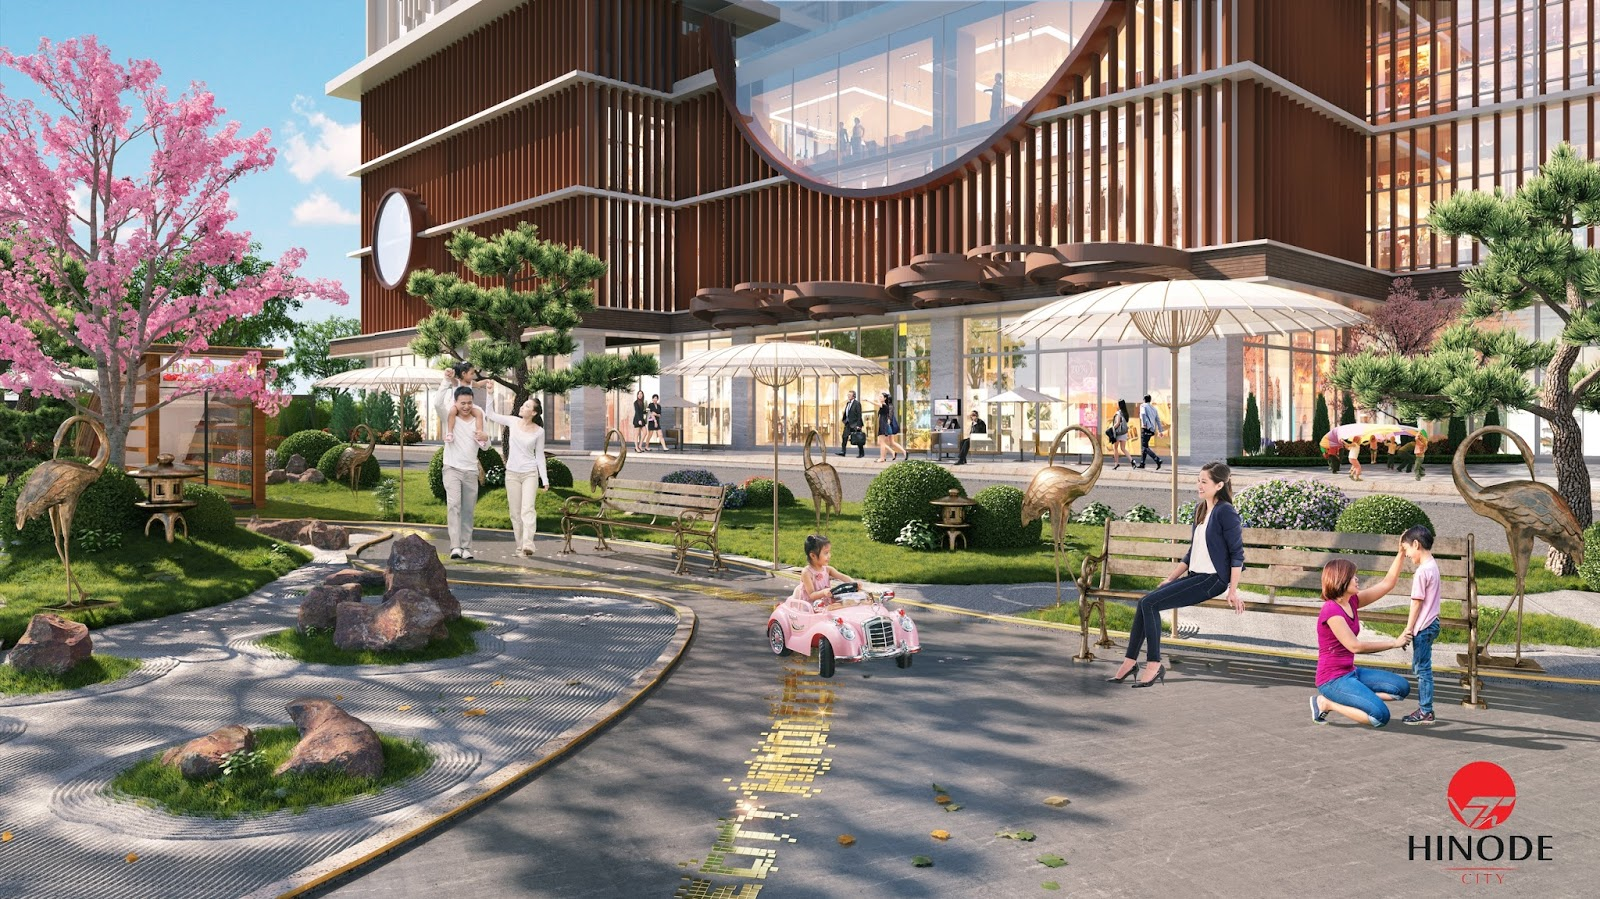 Hinode City - cảnh quan kiến trúc của Nhật Bản